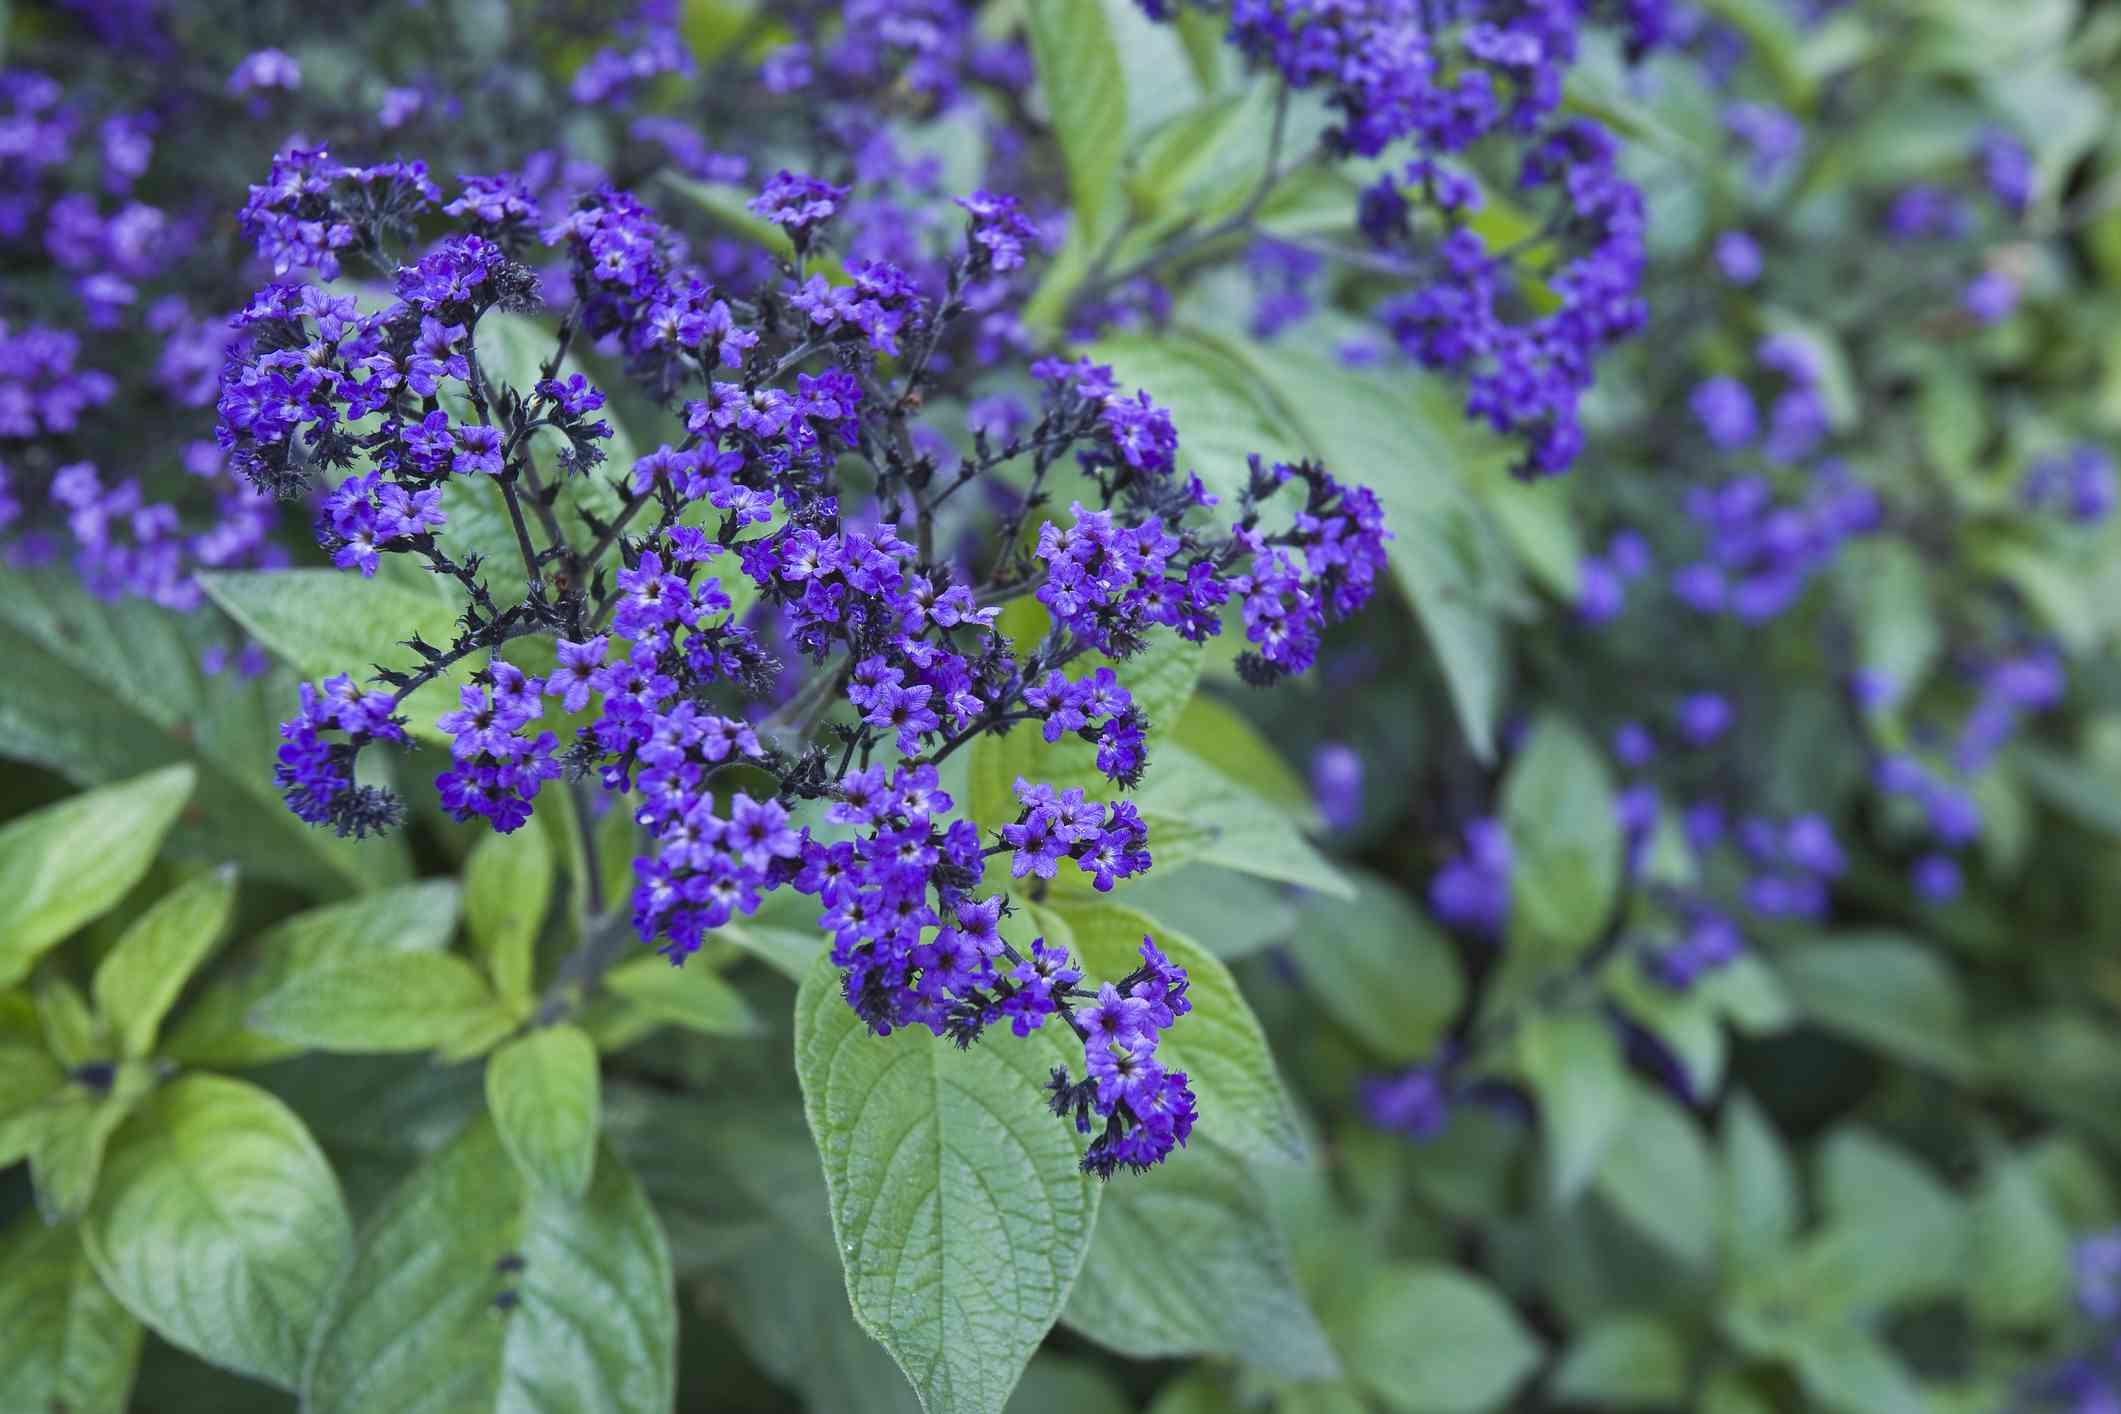 Hình ảnh những bông hoa tím trong thiên nhiên